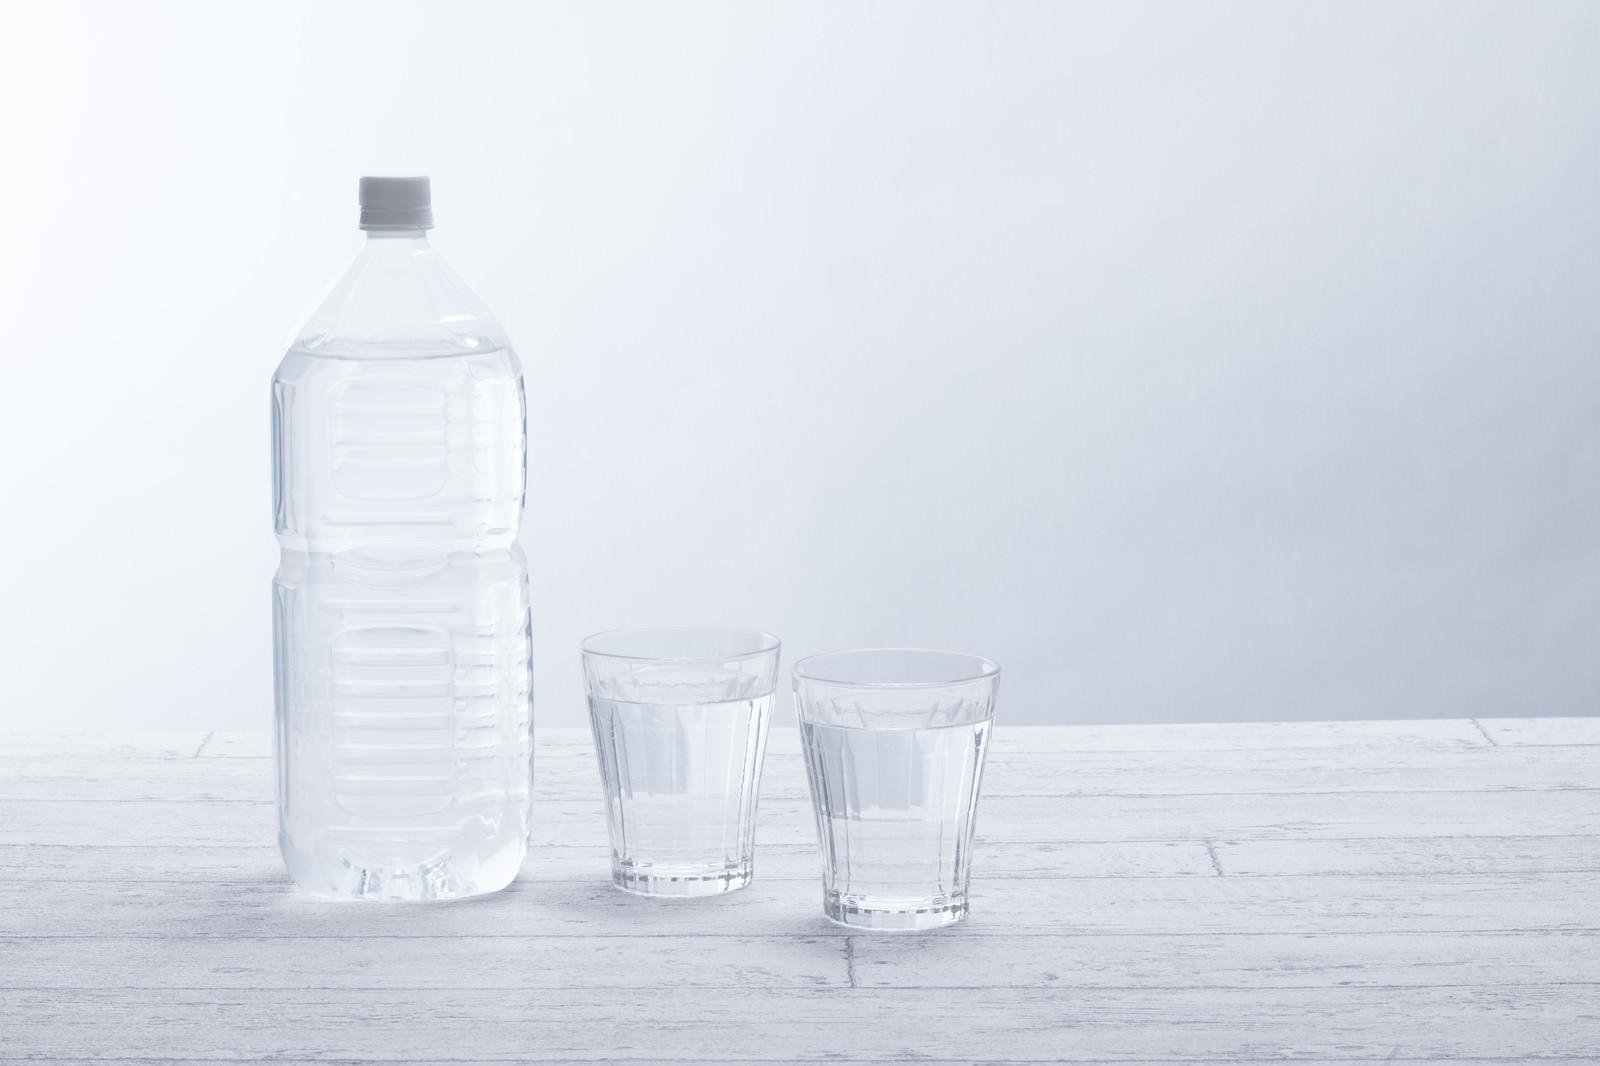 「ミネラルウォーターの2リットルペットボトルとグラス」の写真